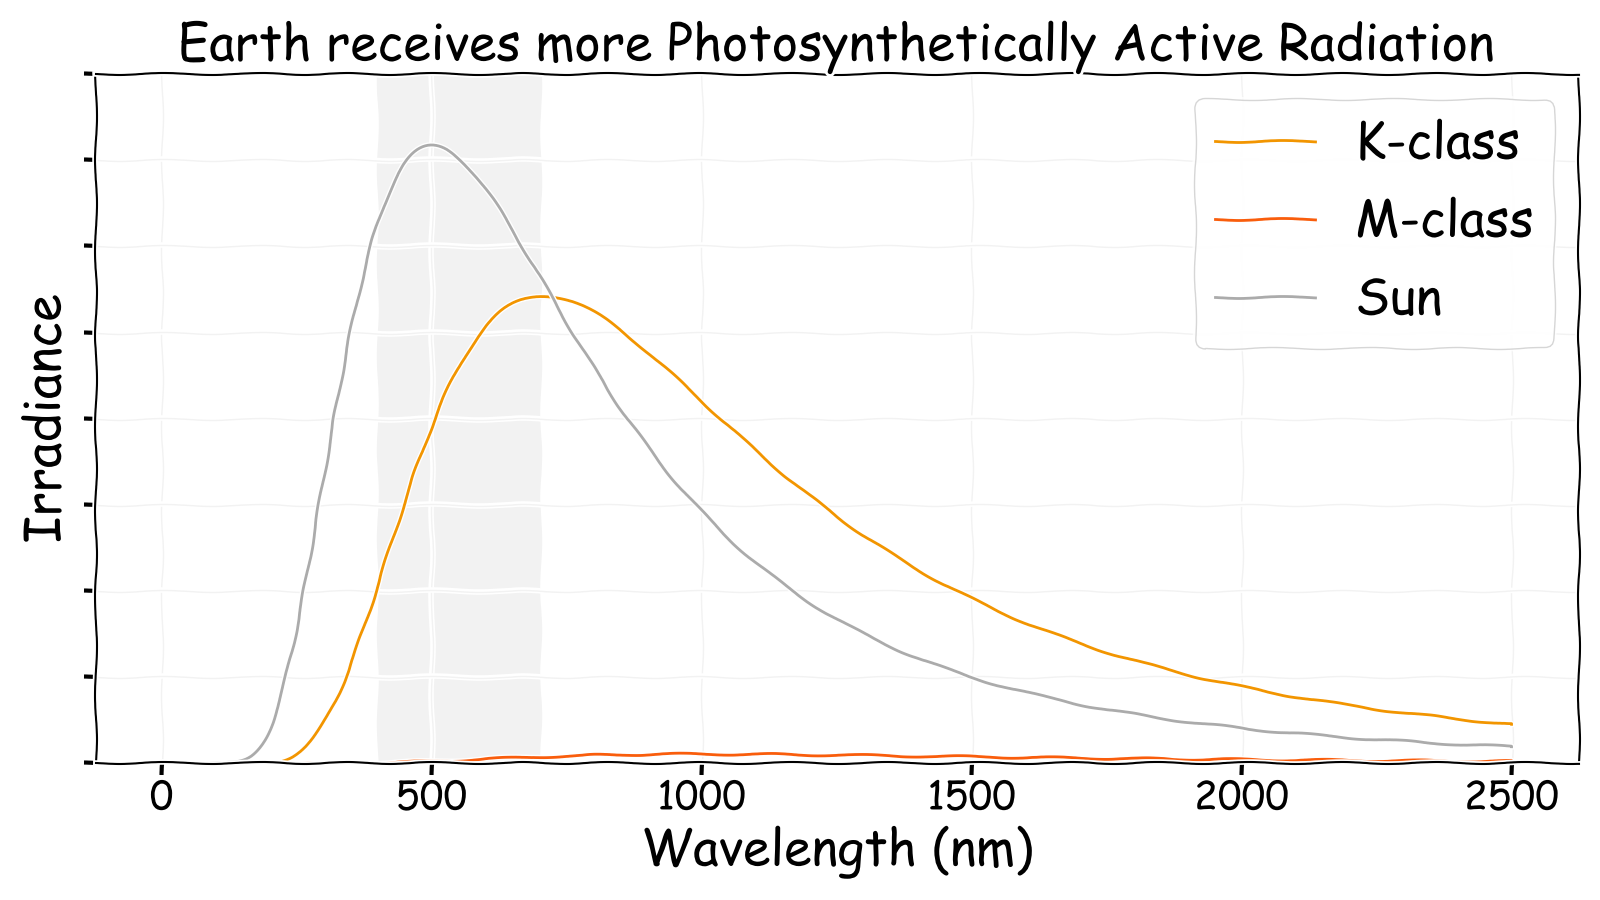 Eden receives less photosynthetically active radiation than Earth